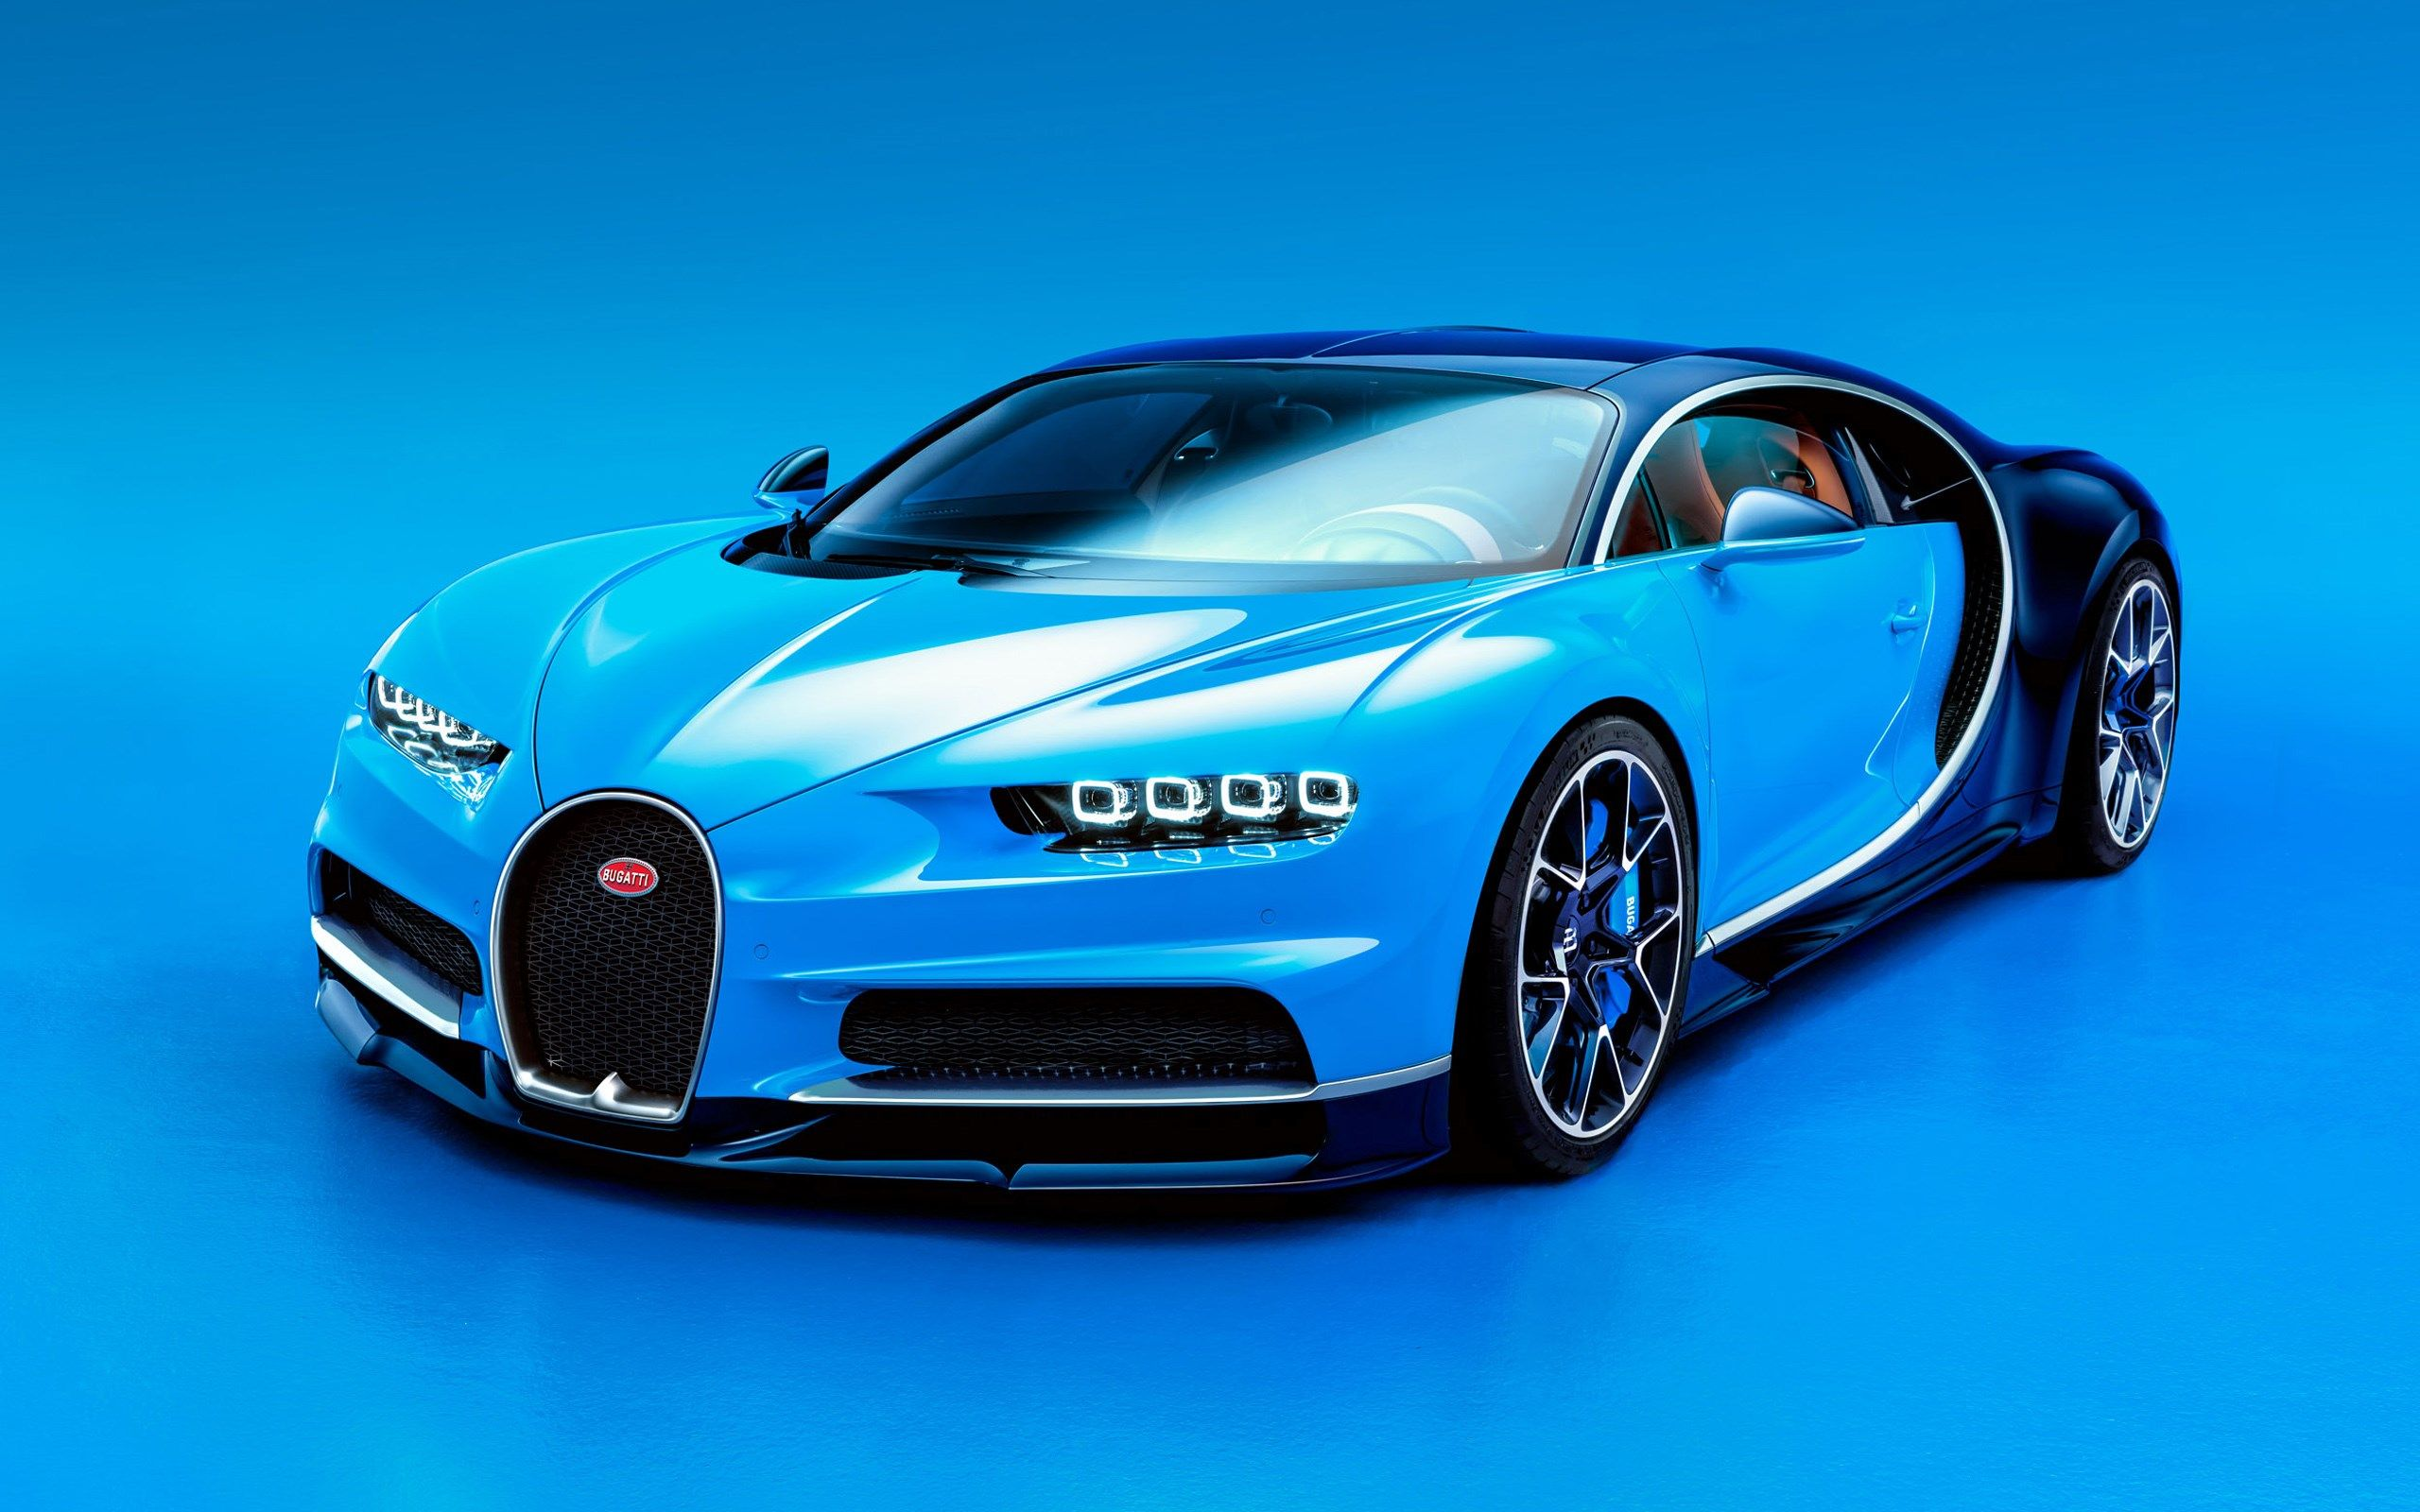 Category Bugatti >> Bugatti Themed Wallpaper For Desktops Bugatti Category